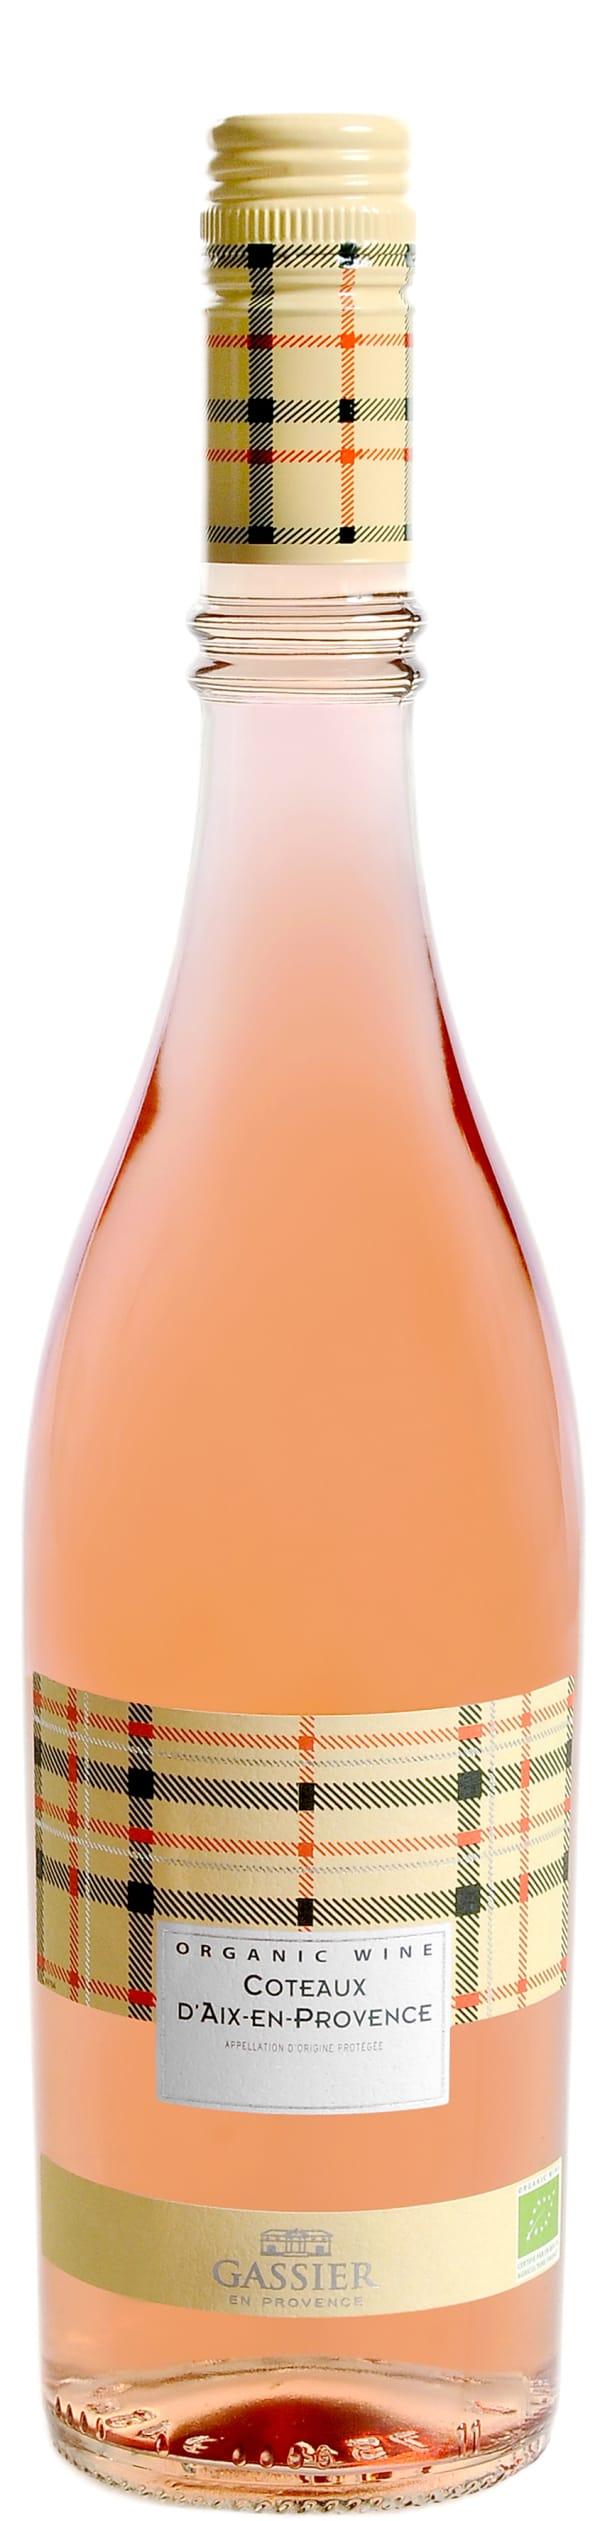 Gassier Coteaux d'Aix-en-Provence Organic 2019